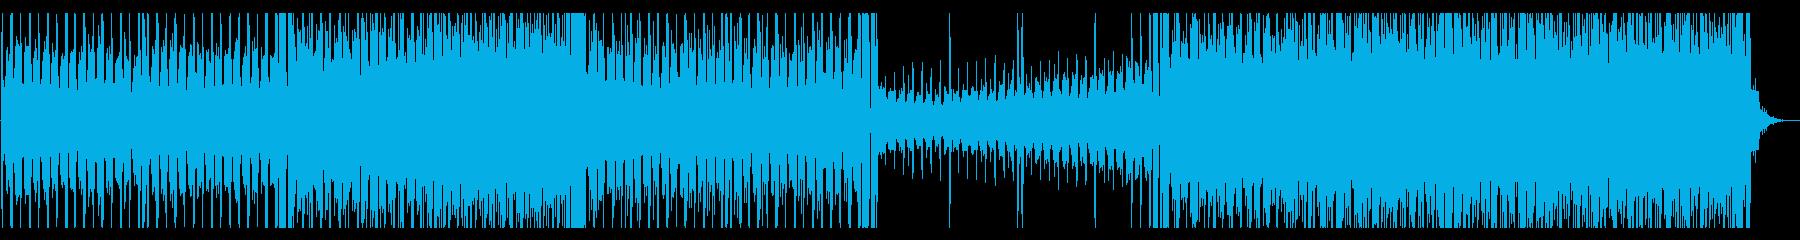 テクノ。シンセウェーヴ。電子の再生済みの波形